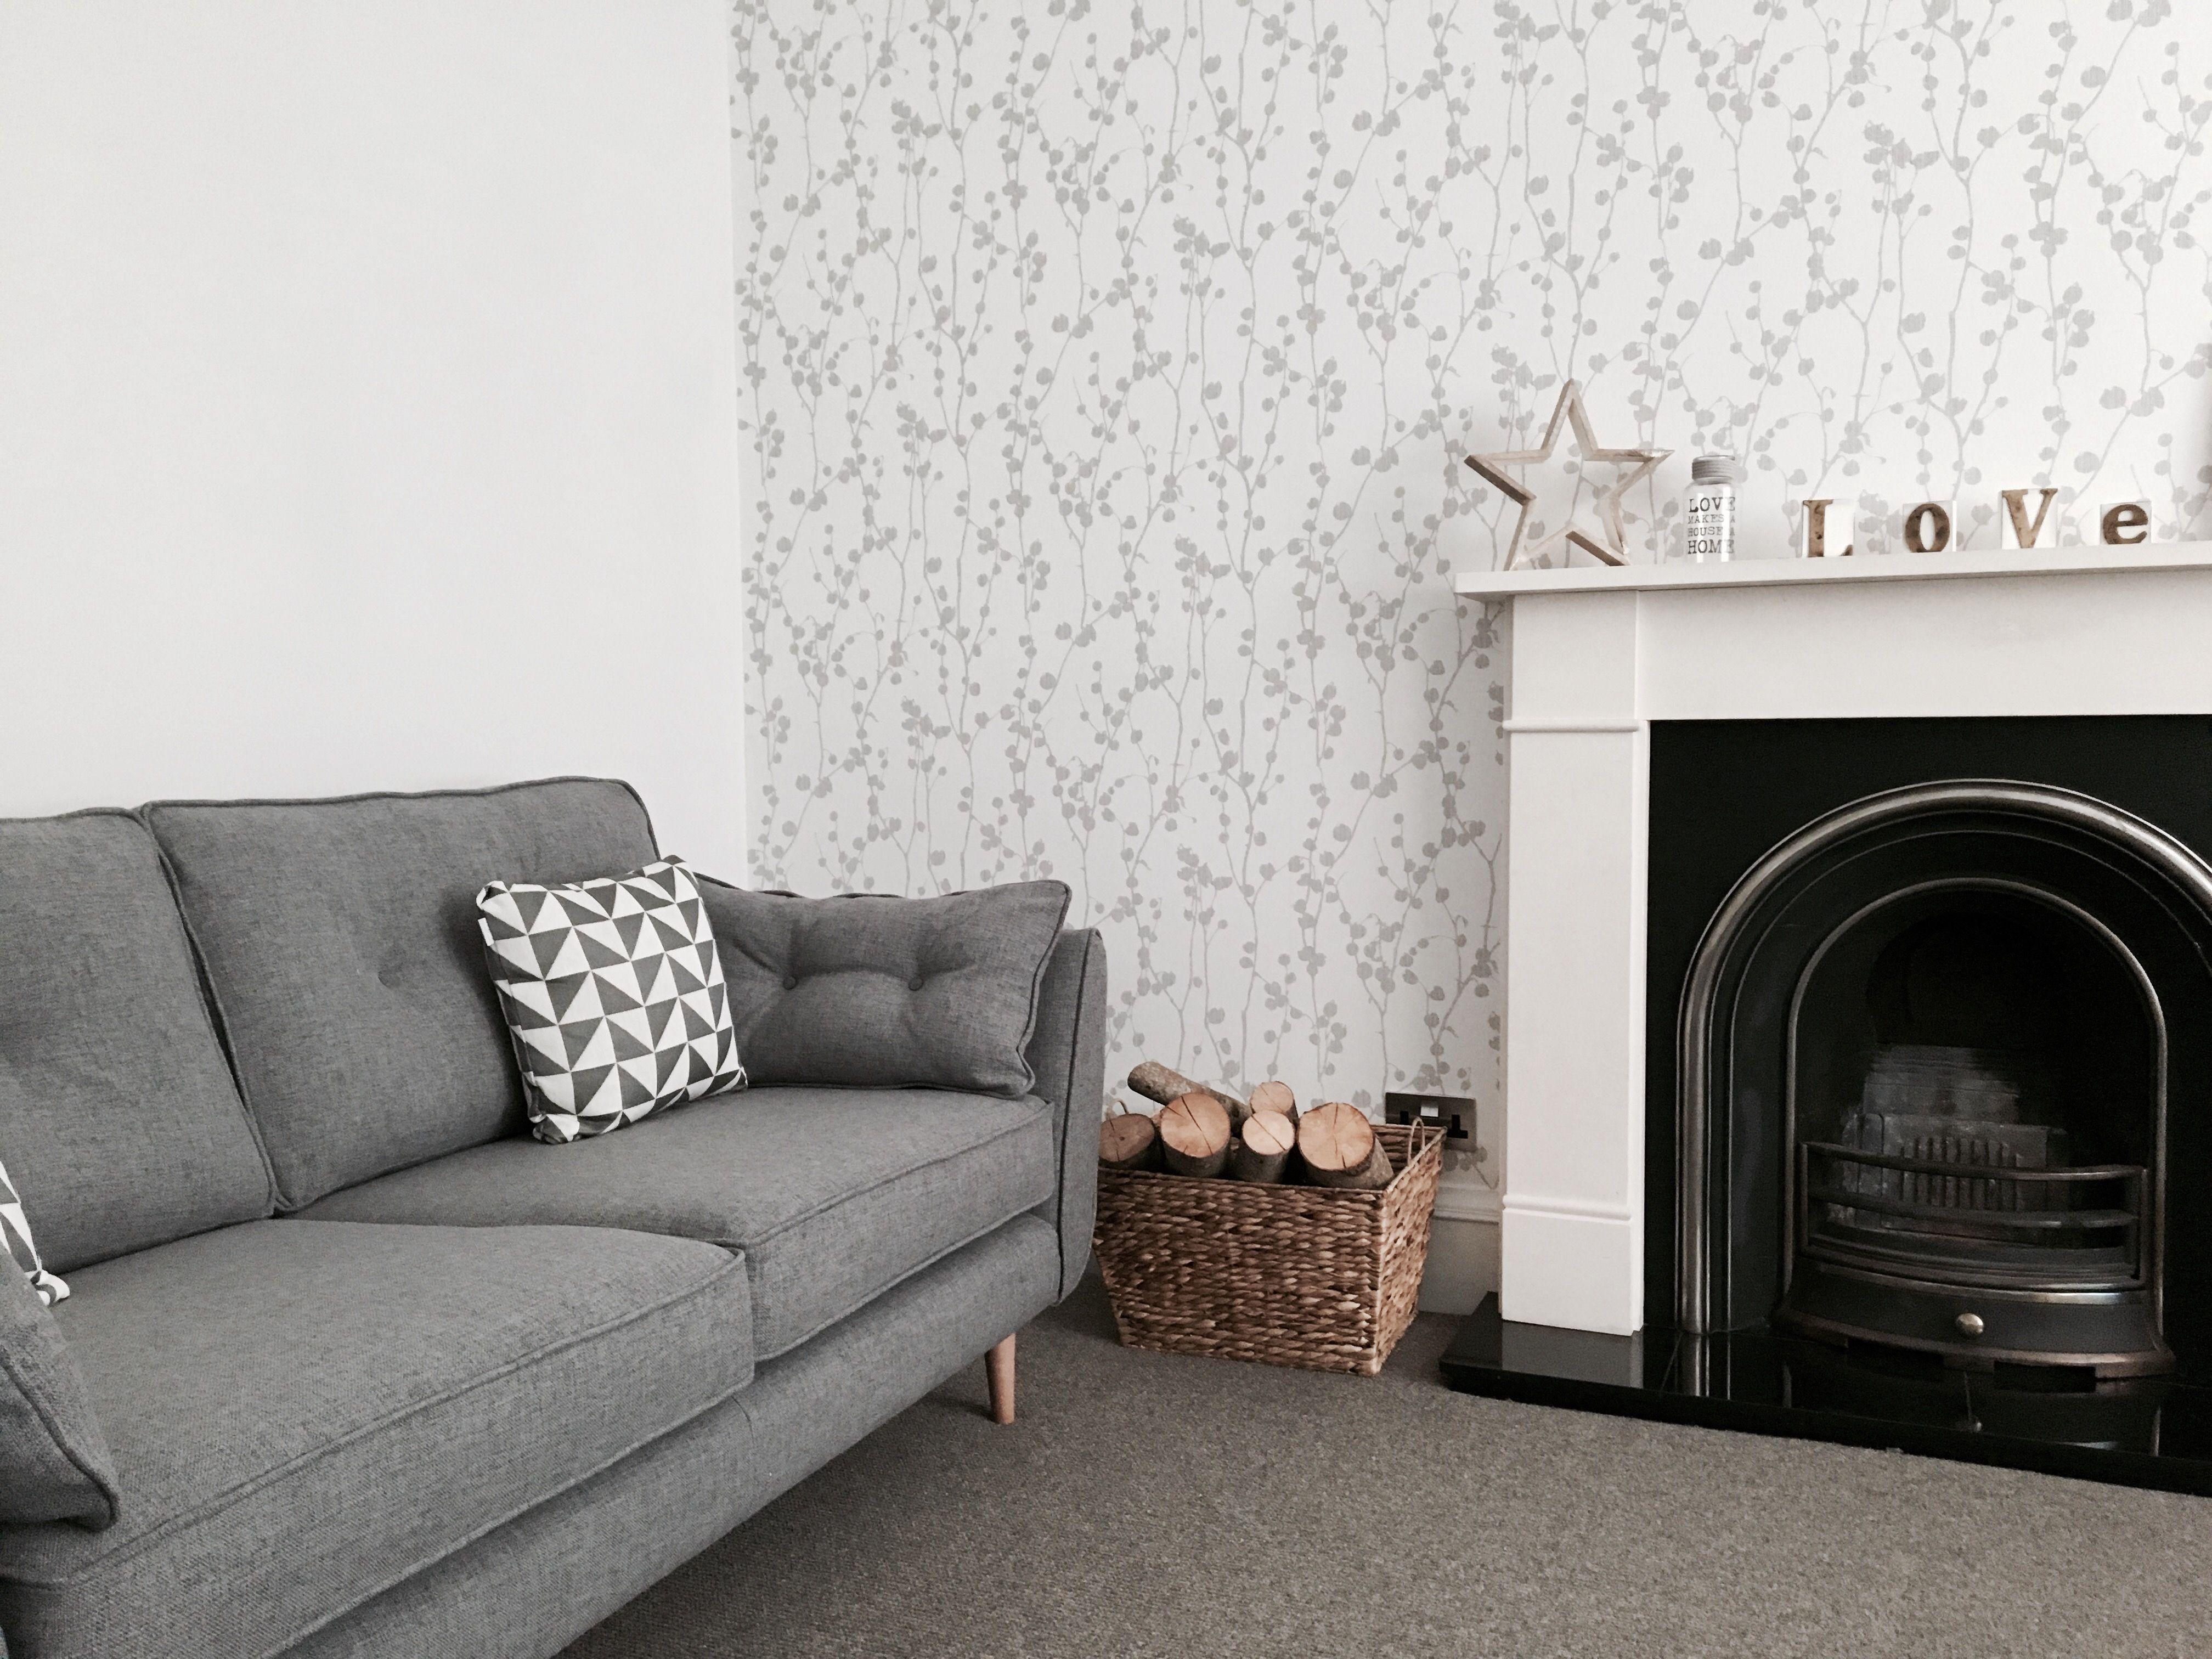 Dfs zinc sofa grey | Dfs zinc sofa, Home decor, House interior